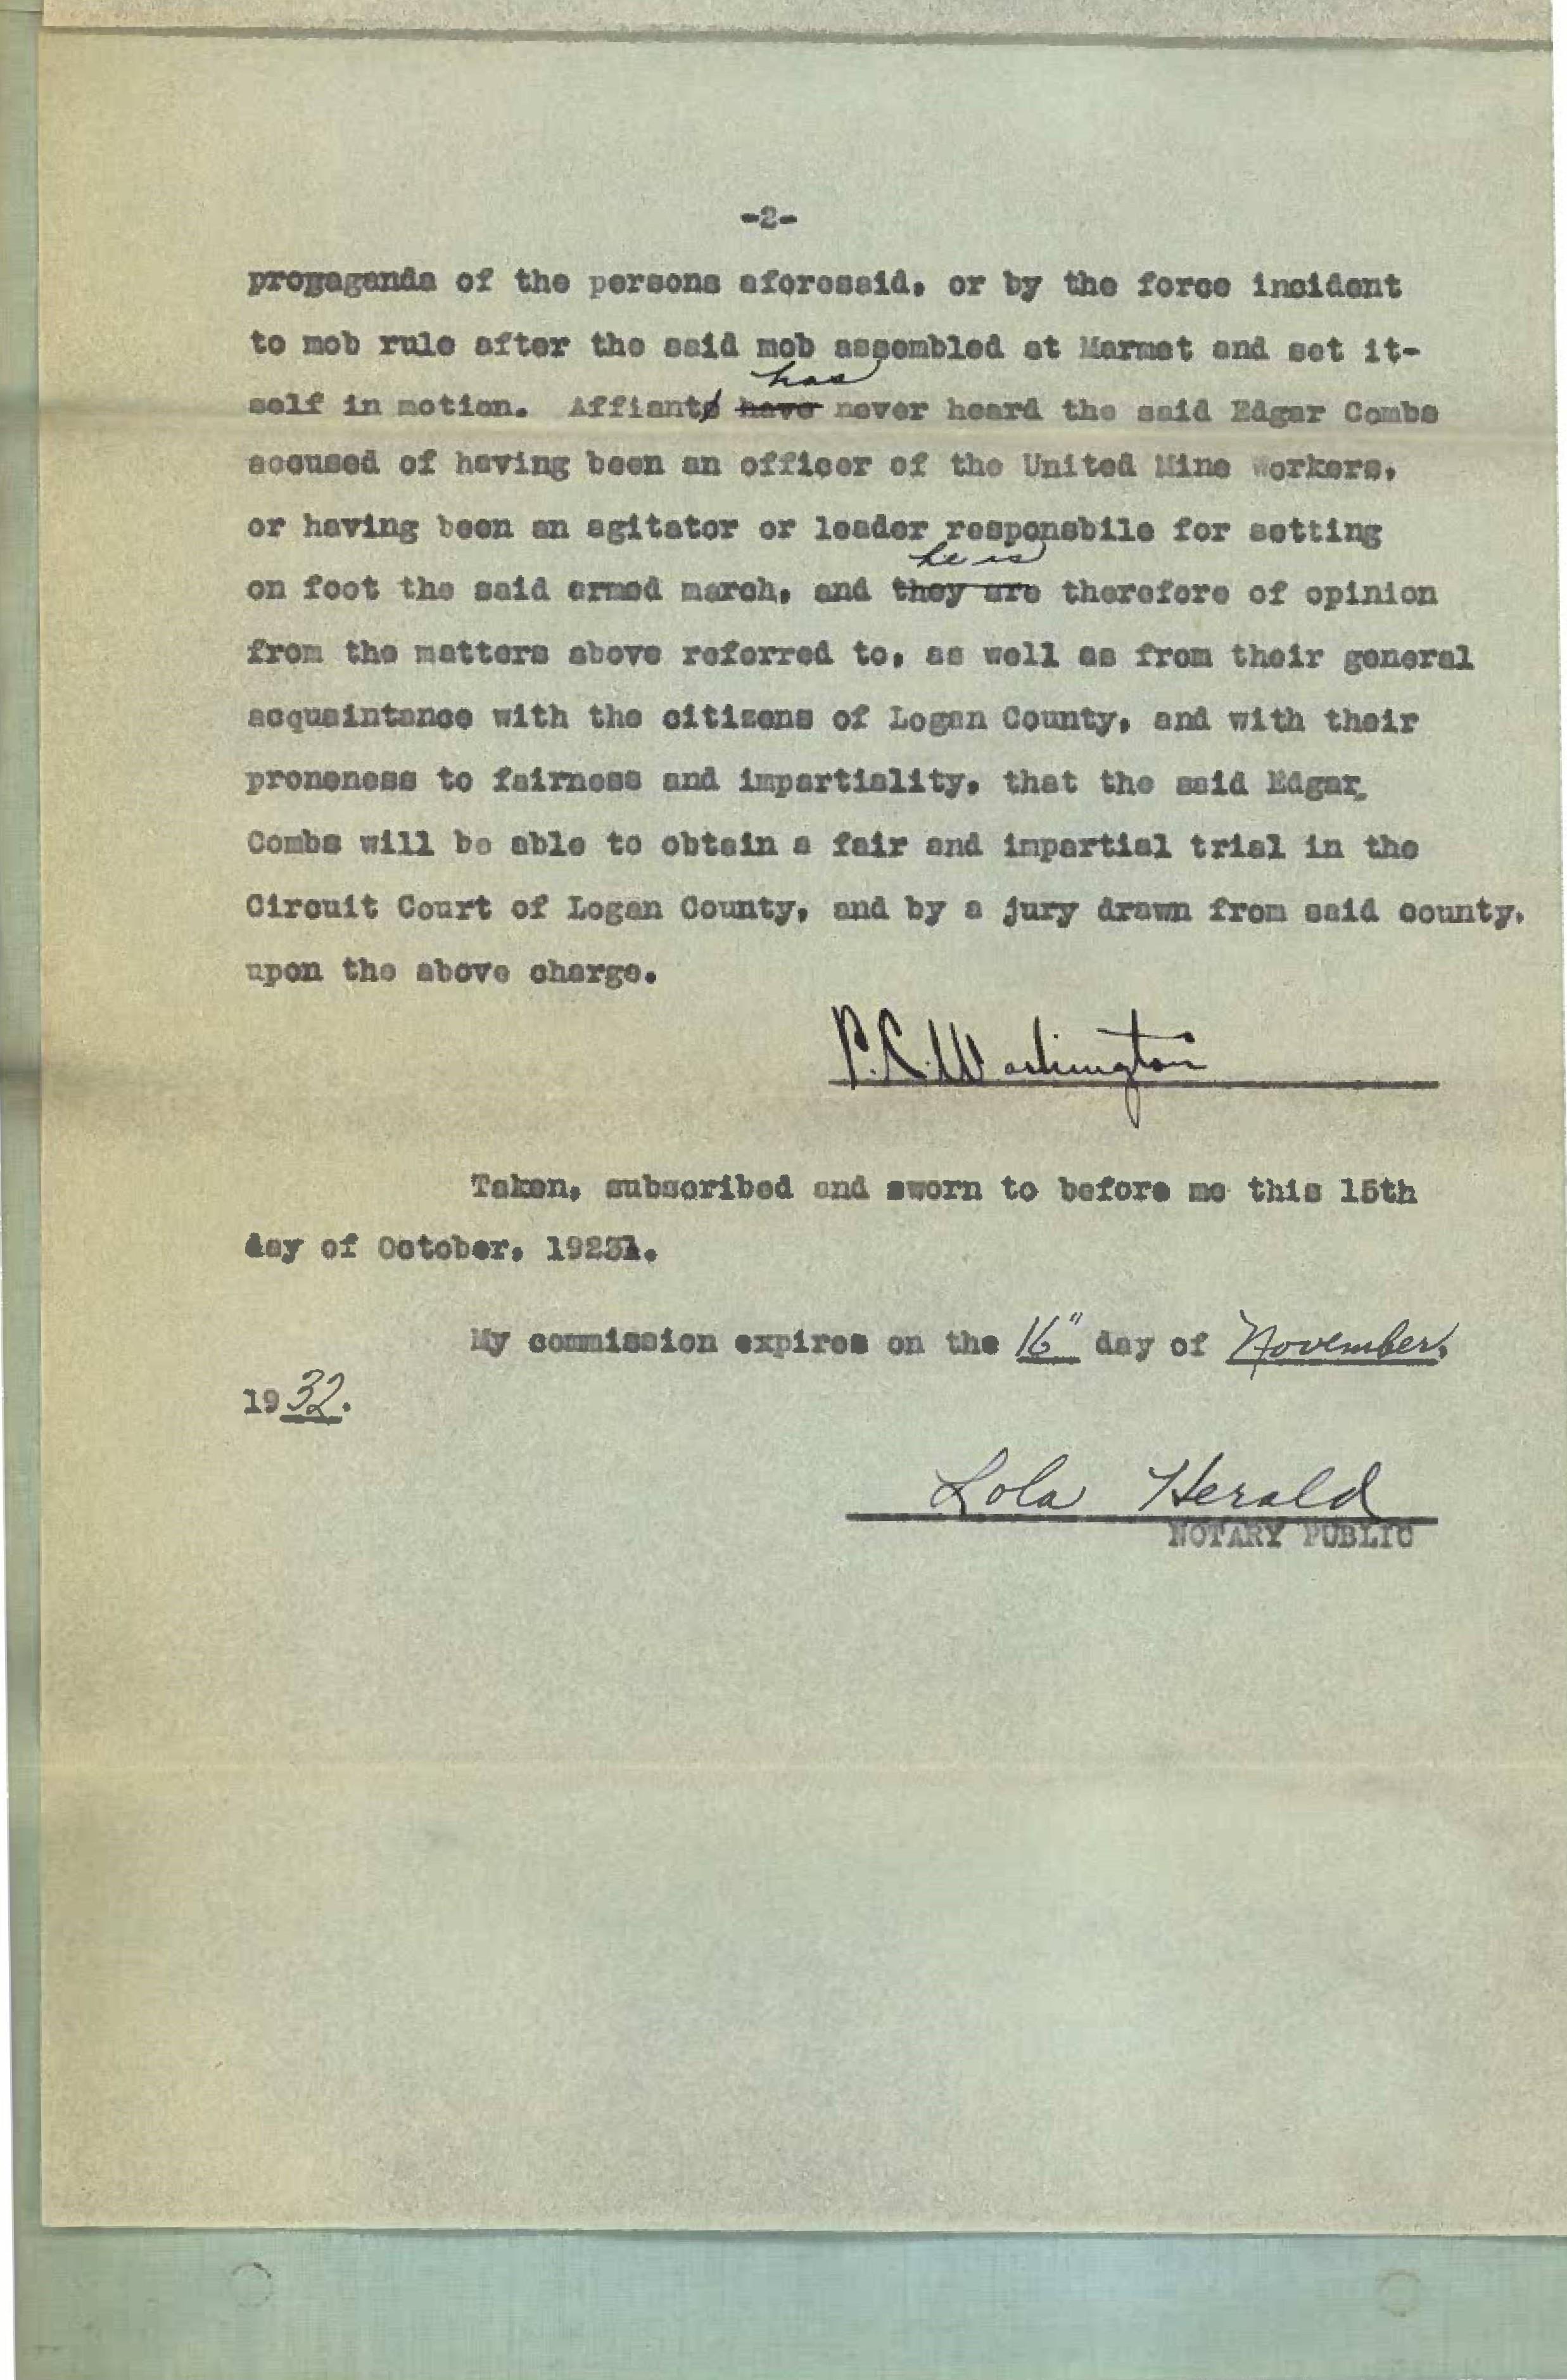 Document 2-2